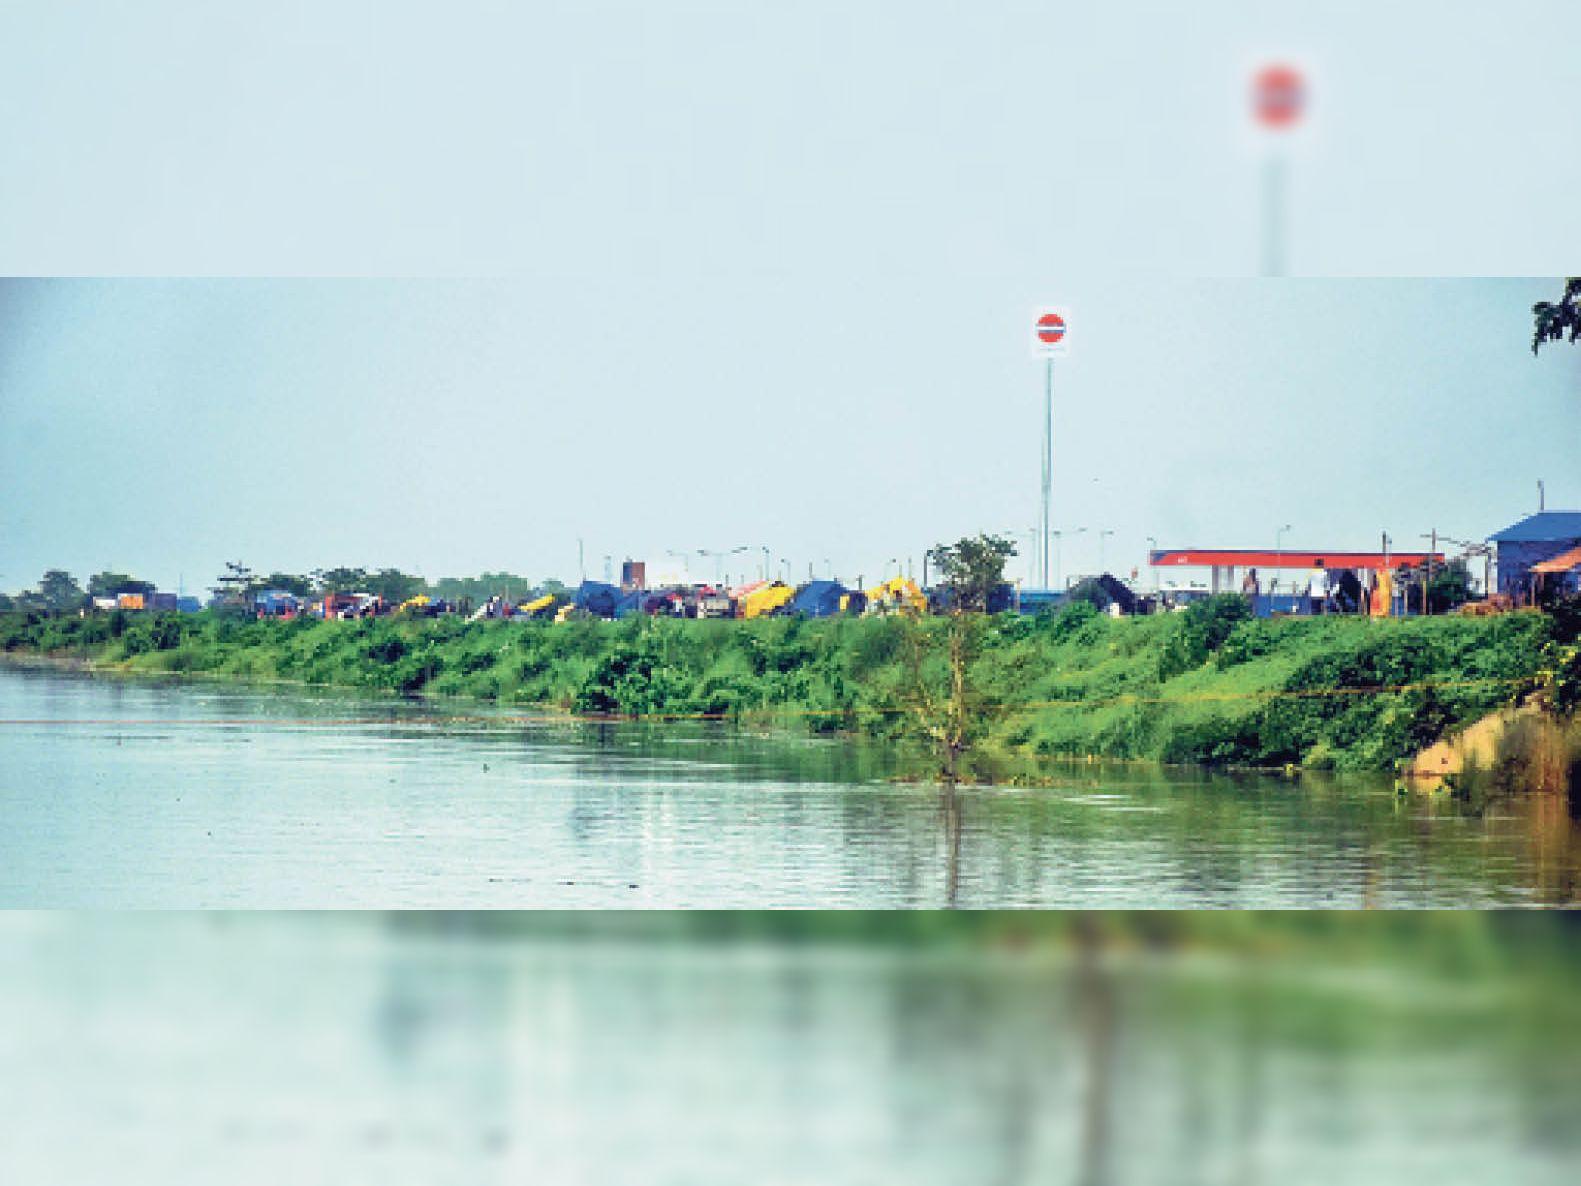 घरों में पानी घुसने की वजह से प्रभावित लोग हाईवे में टेंट लगाकर रहने को मजबूर हैं। - Dainik Bhaskar